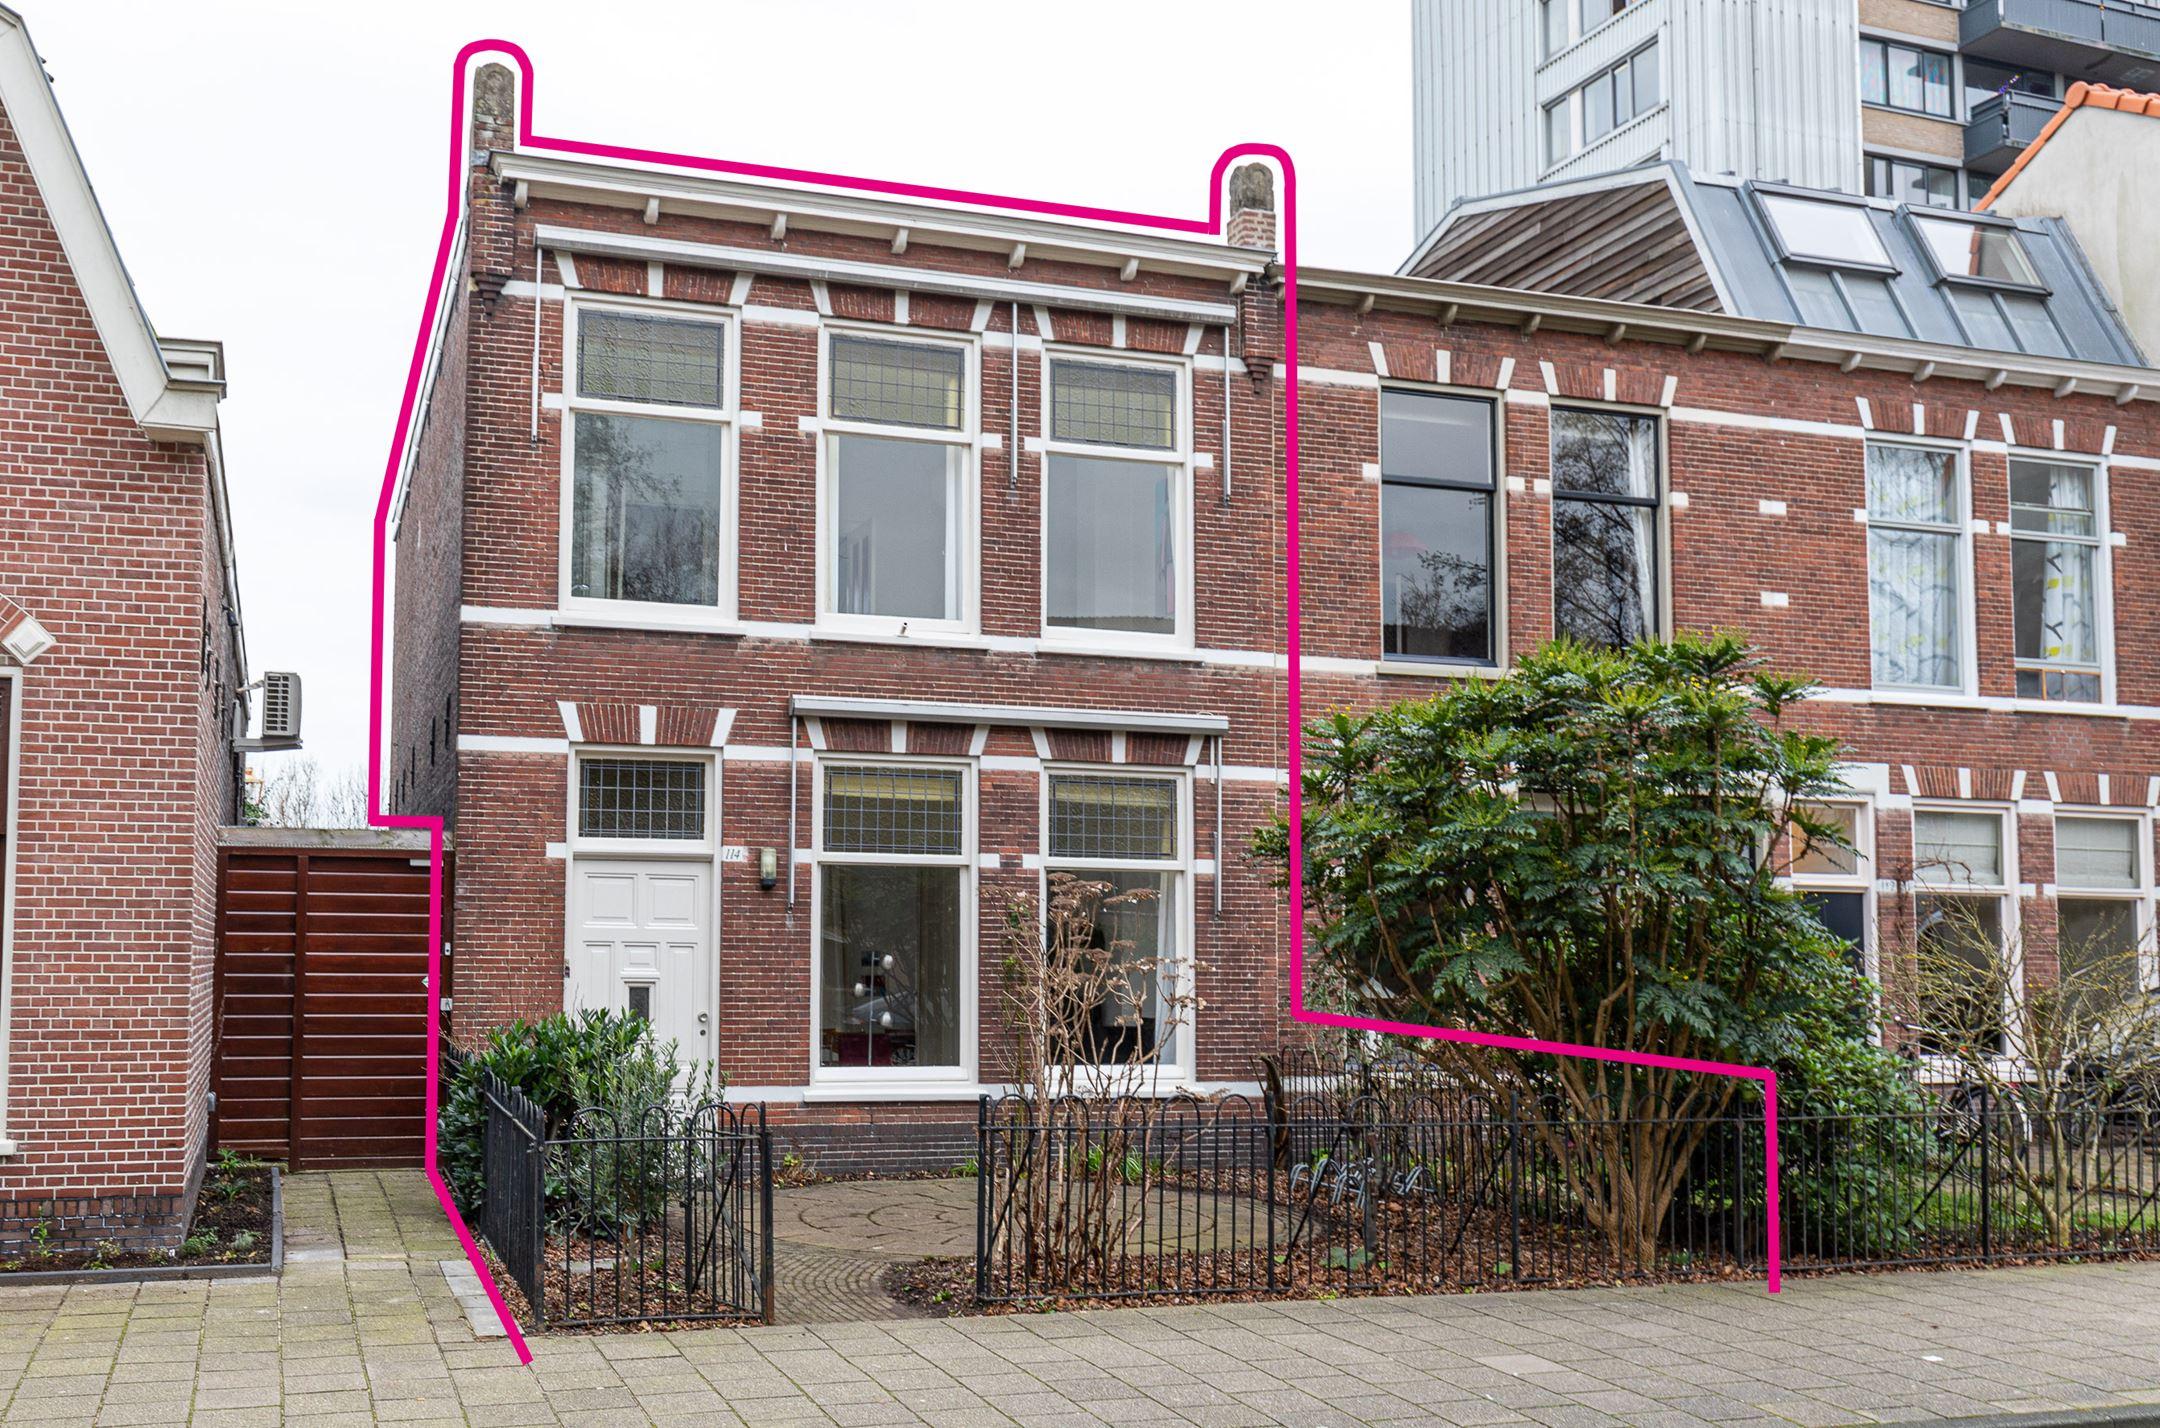 Uitgebouwde 4 kamer eengezinswoning met voortuin en waanzinnig leuk gelegen royale achtertuin met openslaande deuren en liggend op het westen te Leiden